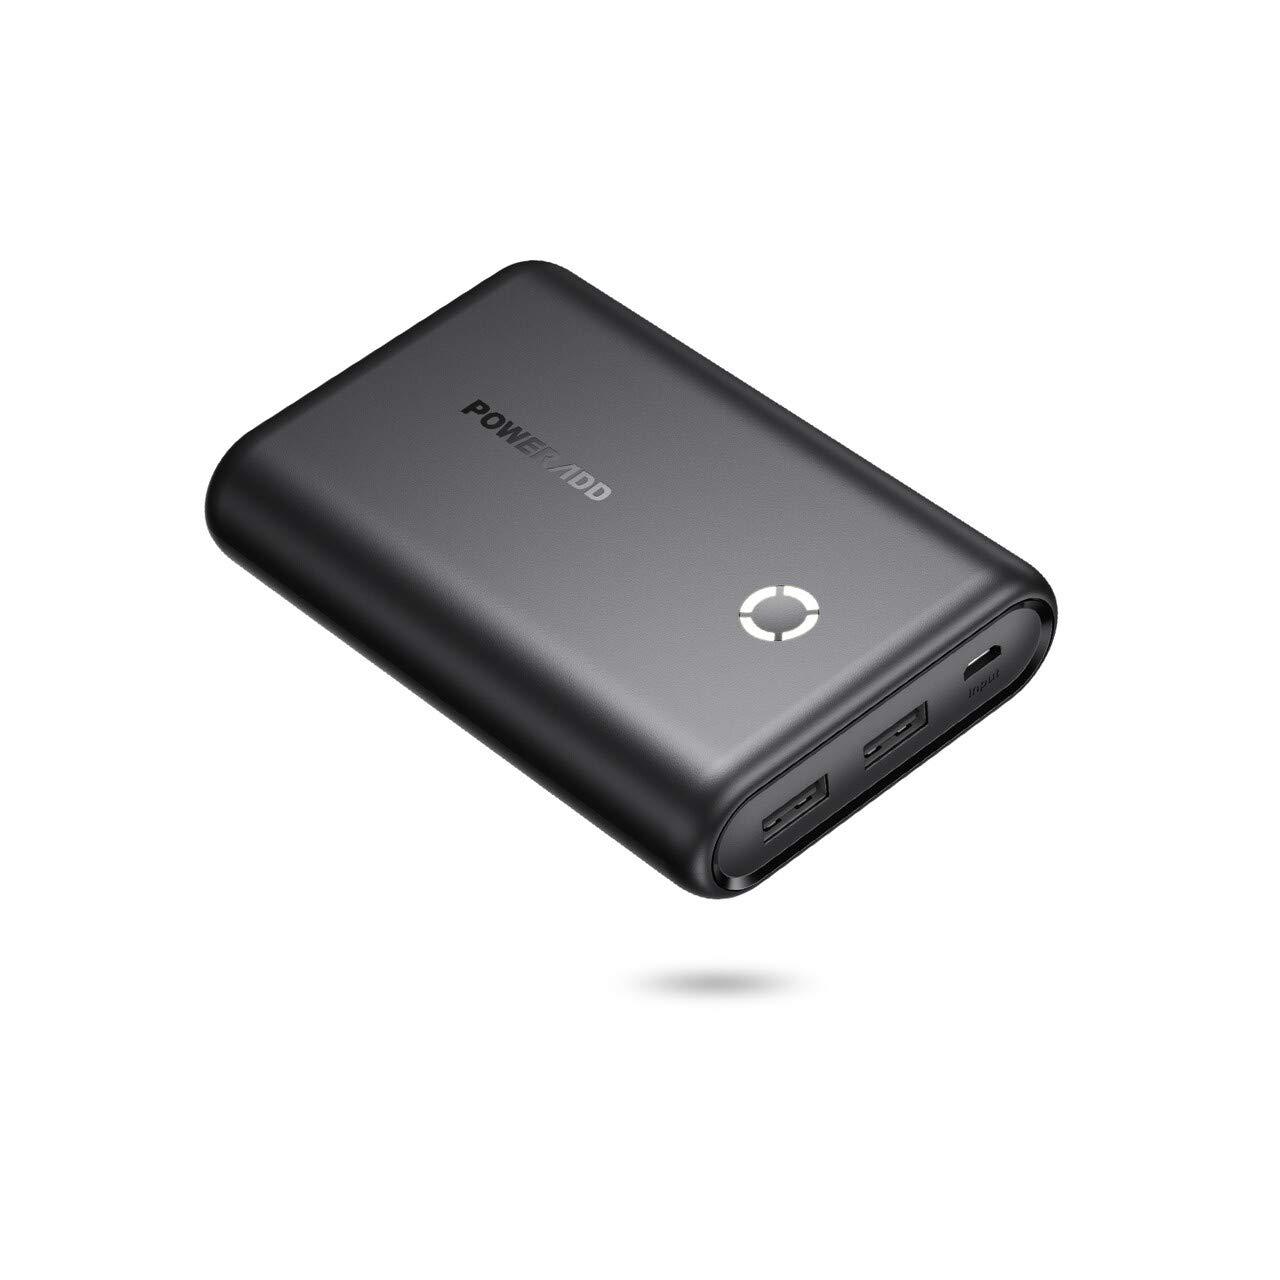 POWERADD - Cargador portátil de 15000 mAh para iPhone, iPad ...